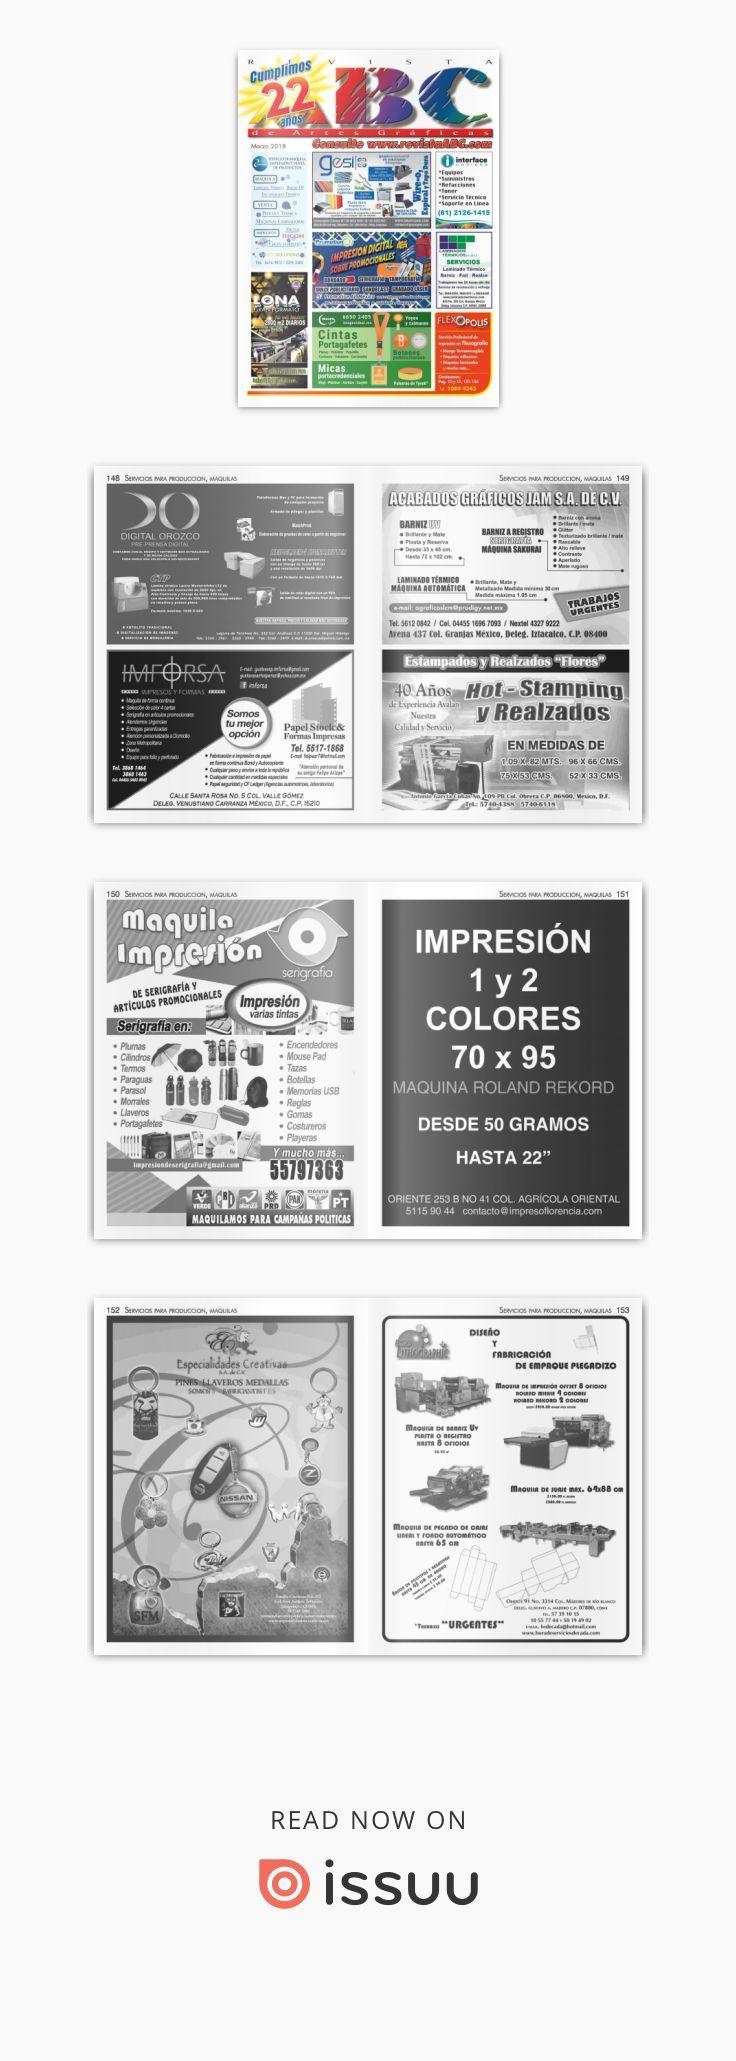 Revista ABC de Artes Gráficas México Marzo 2018  Revista especializada en Artes Gráficas, Publicidad, Offset, Artículos Promocionales, Impresión en Gran Formato, Tintas, Preprensa, Maquinaria para las Artes Gráficas etc.